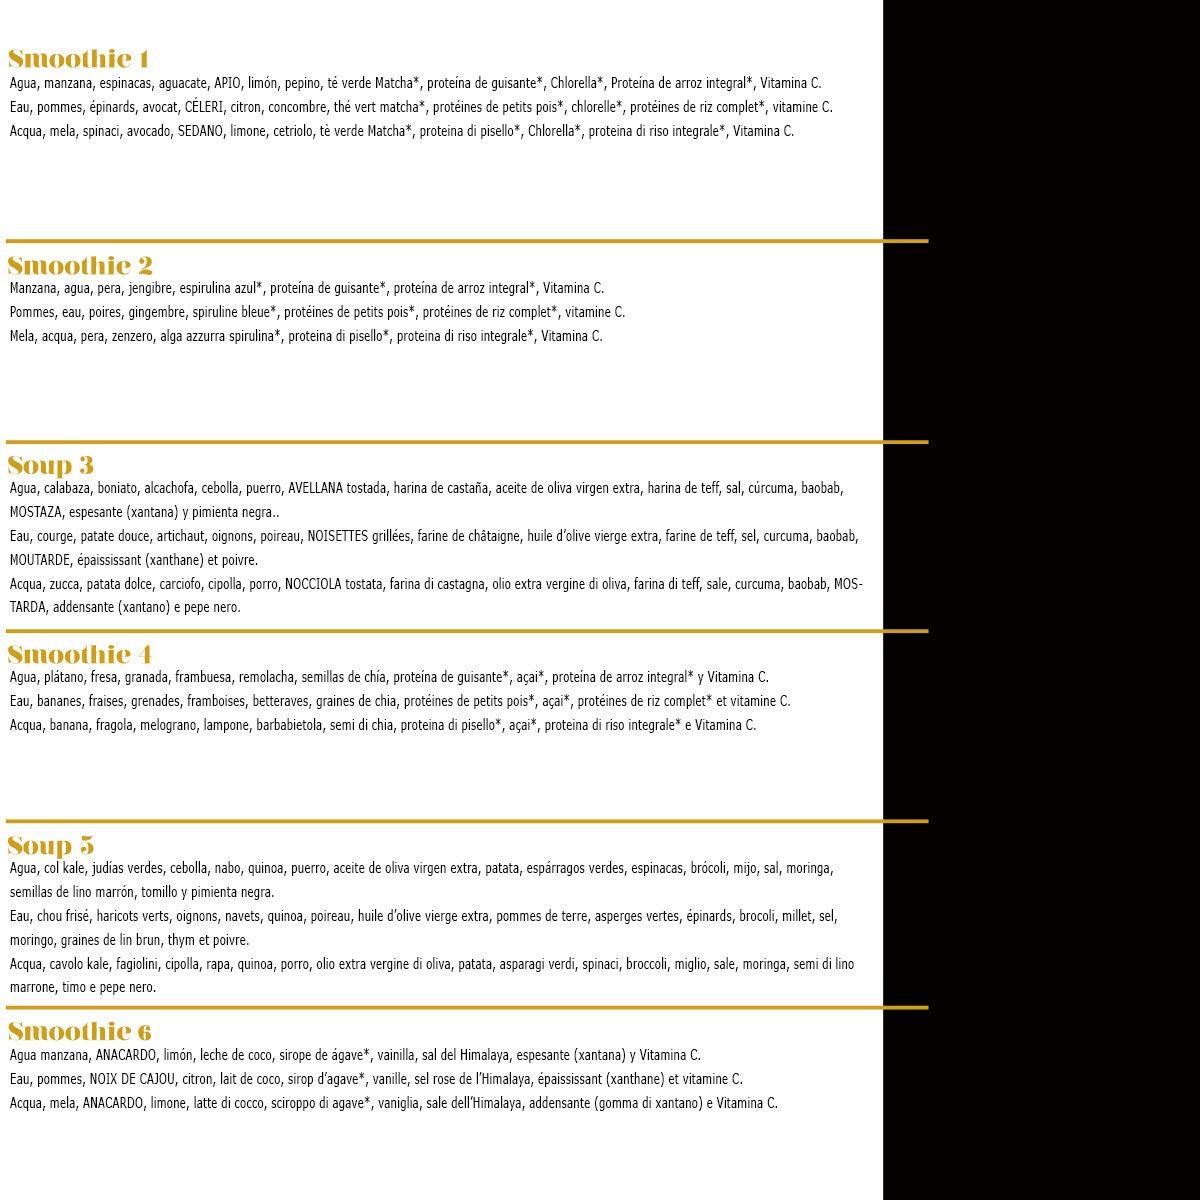 Zumos Detox 3 días - Licuados 100% frescos la auténtica terapia detox: Amazon.es: Salud y cuidado personal